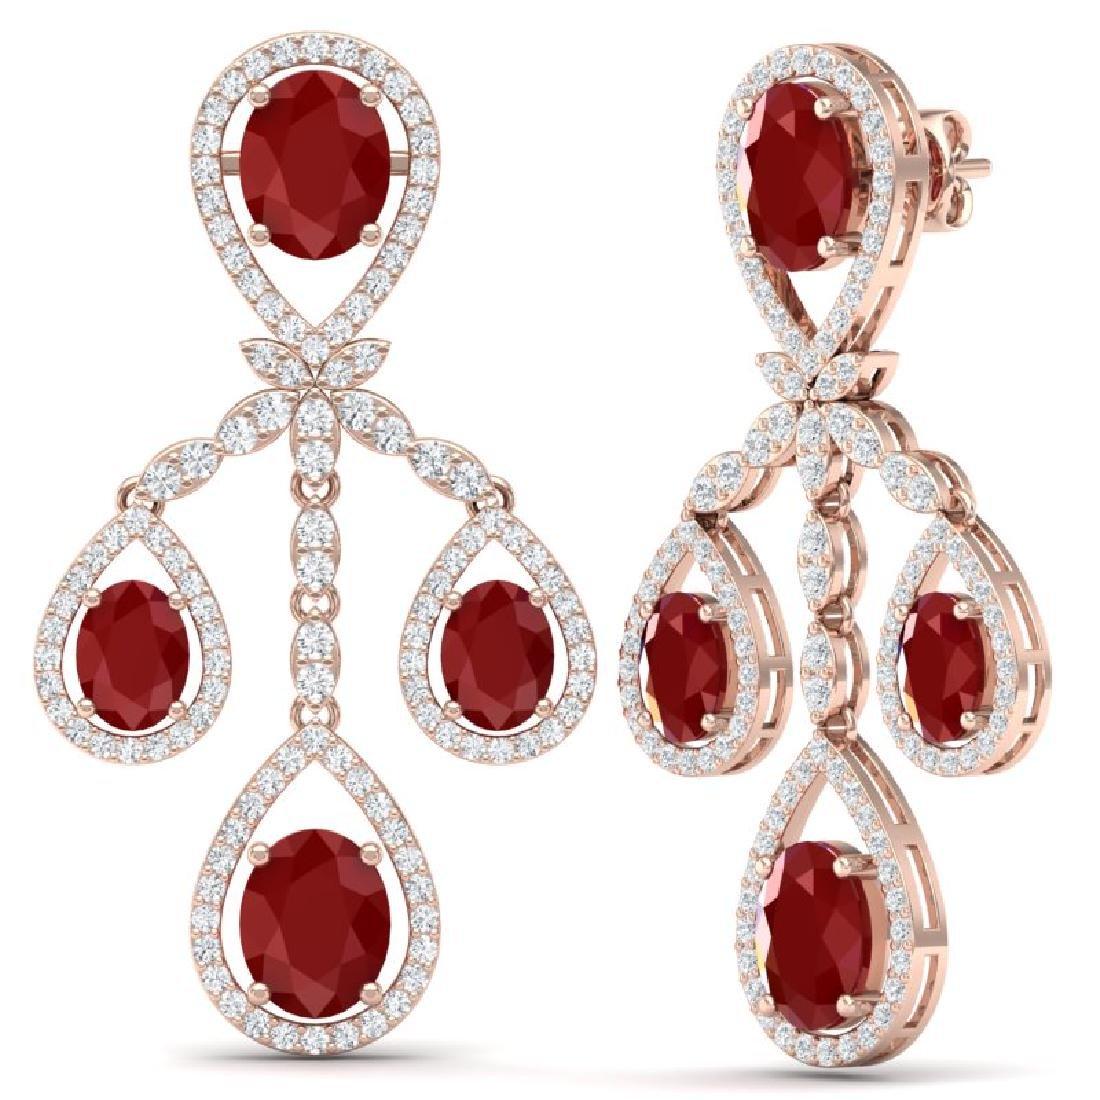 25.08 CTW Royalty Designer Ruby & VS Diamond Earrings - 2